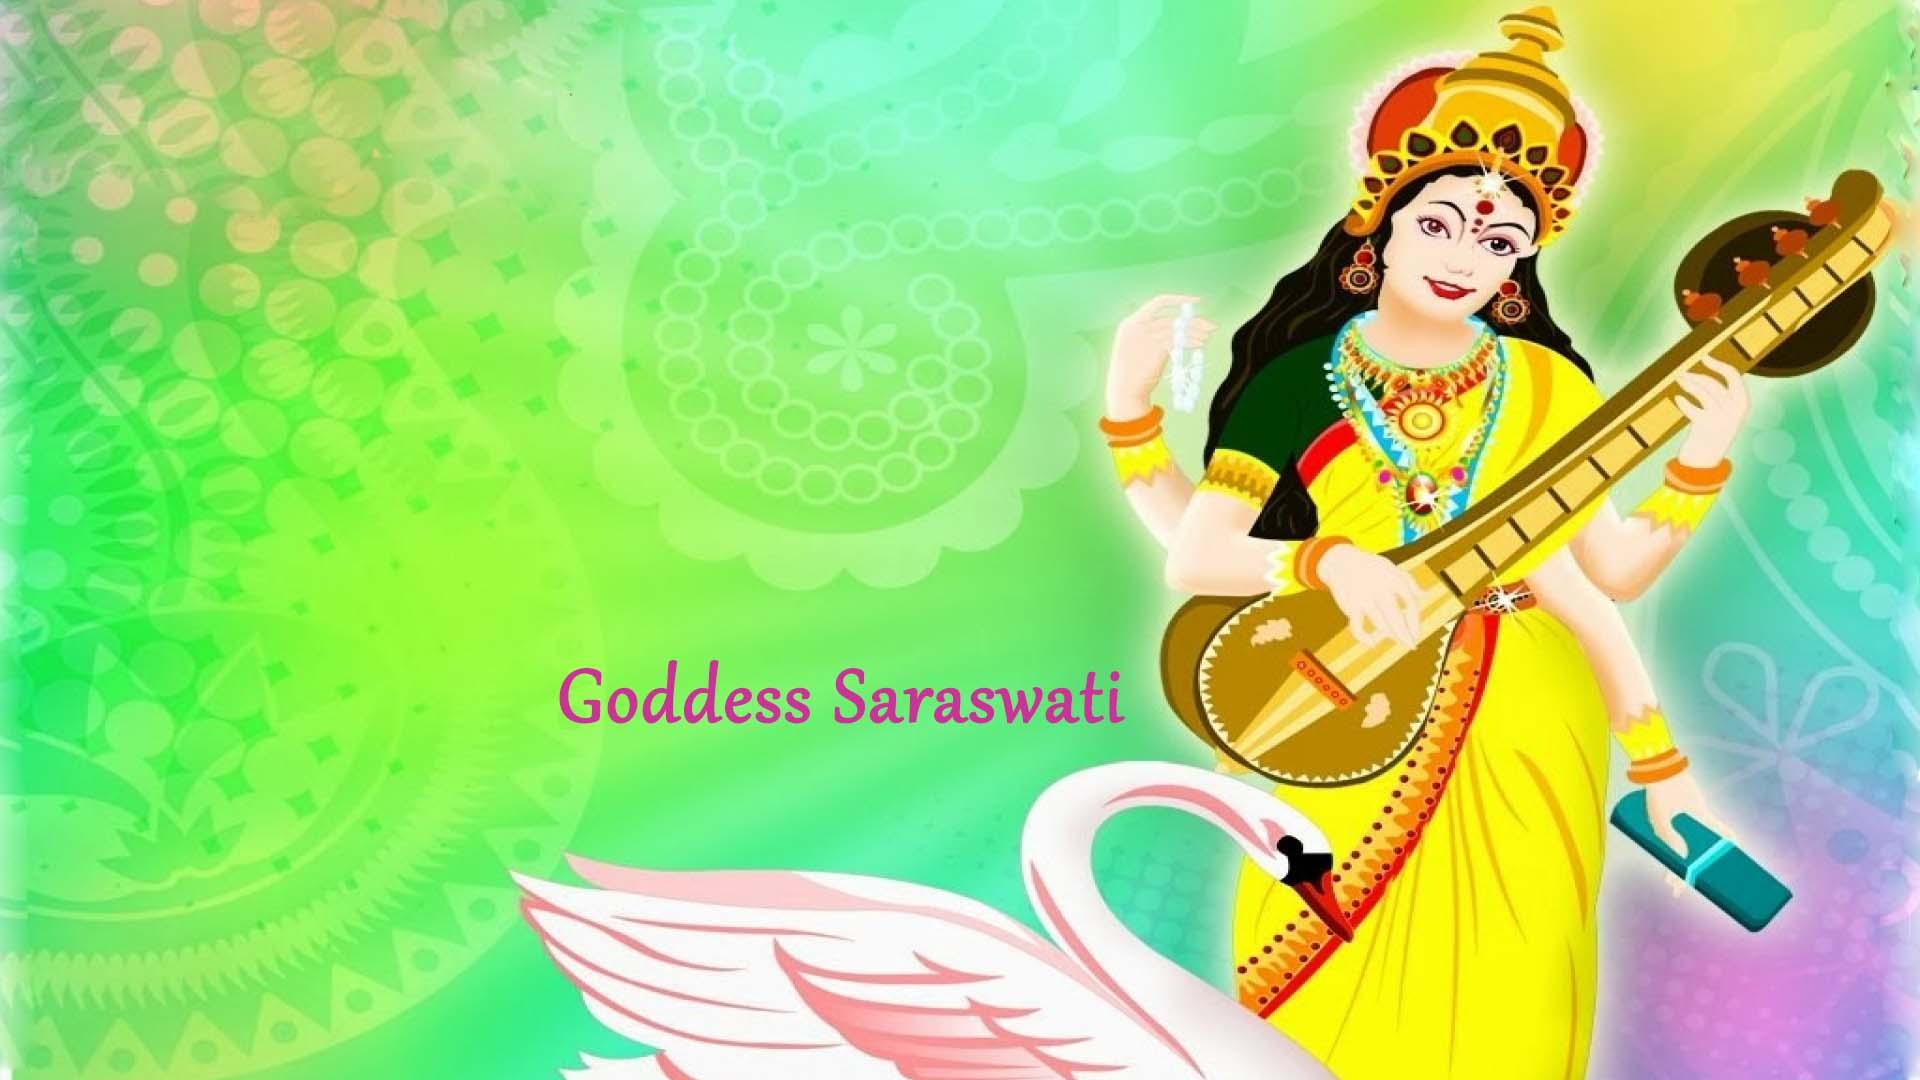 Goddess Saraswati Pic In Hd